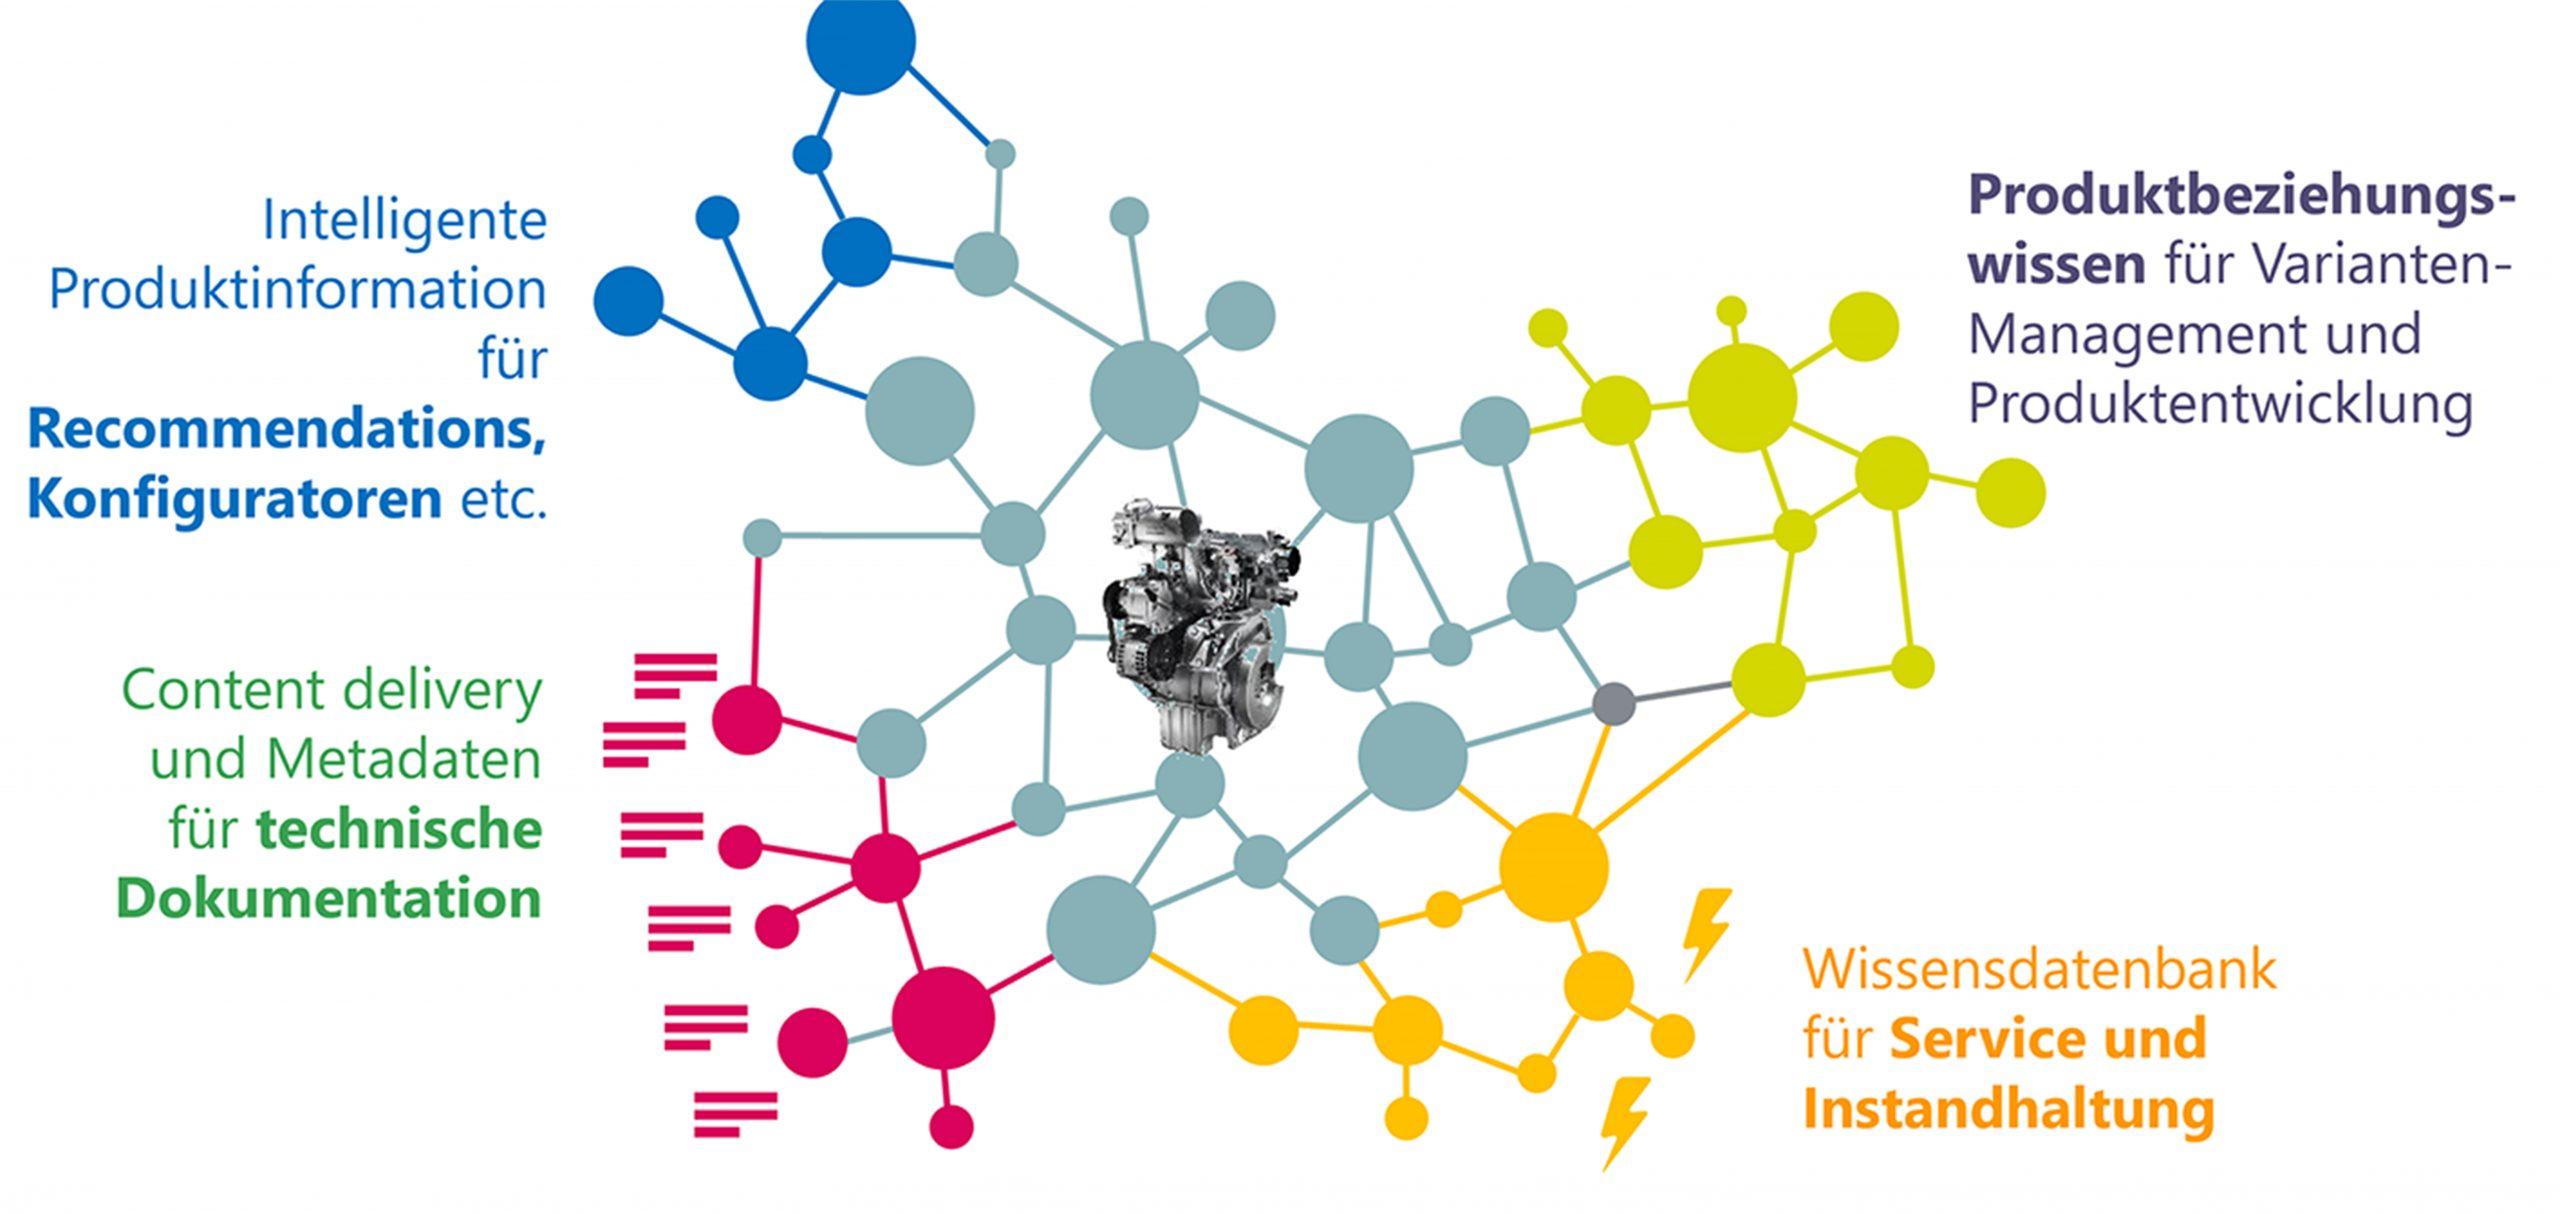 Mit der Knowledge-Graphen-Technologie lassen sich Datenbestände aus verschiedenen Systemen miteinander verknüpfen. Bild: Empolis Information Management GmbH)